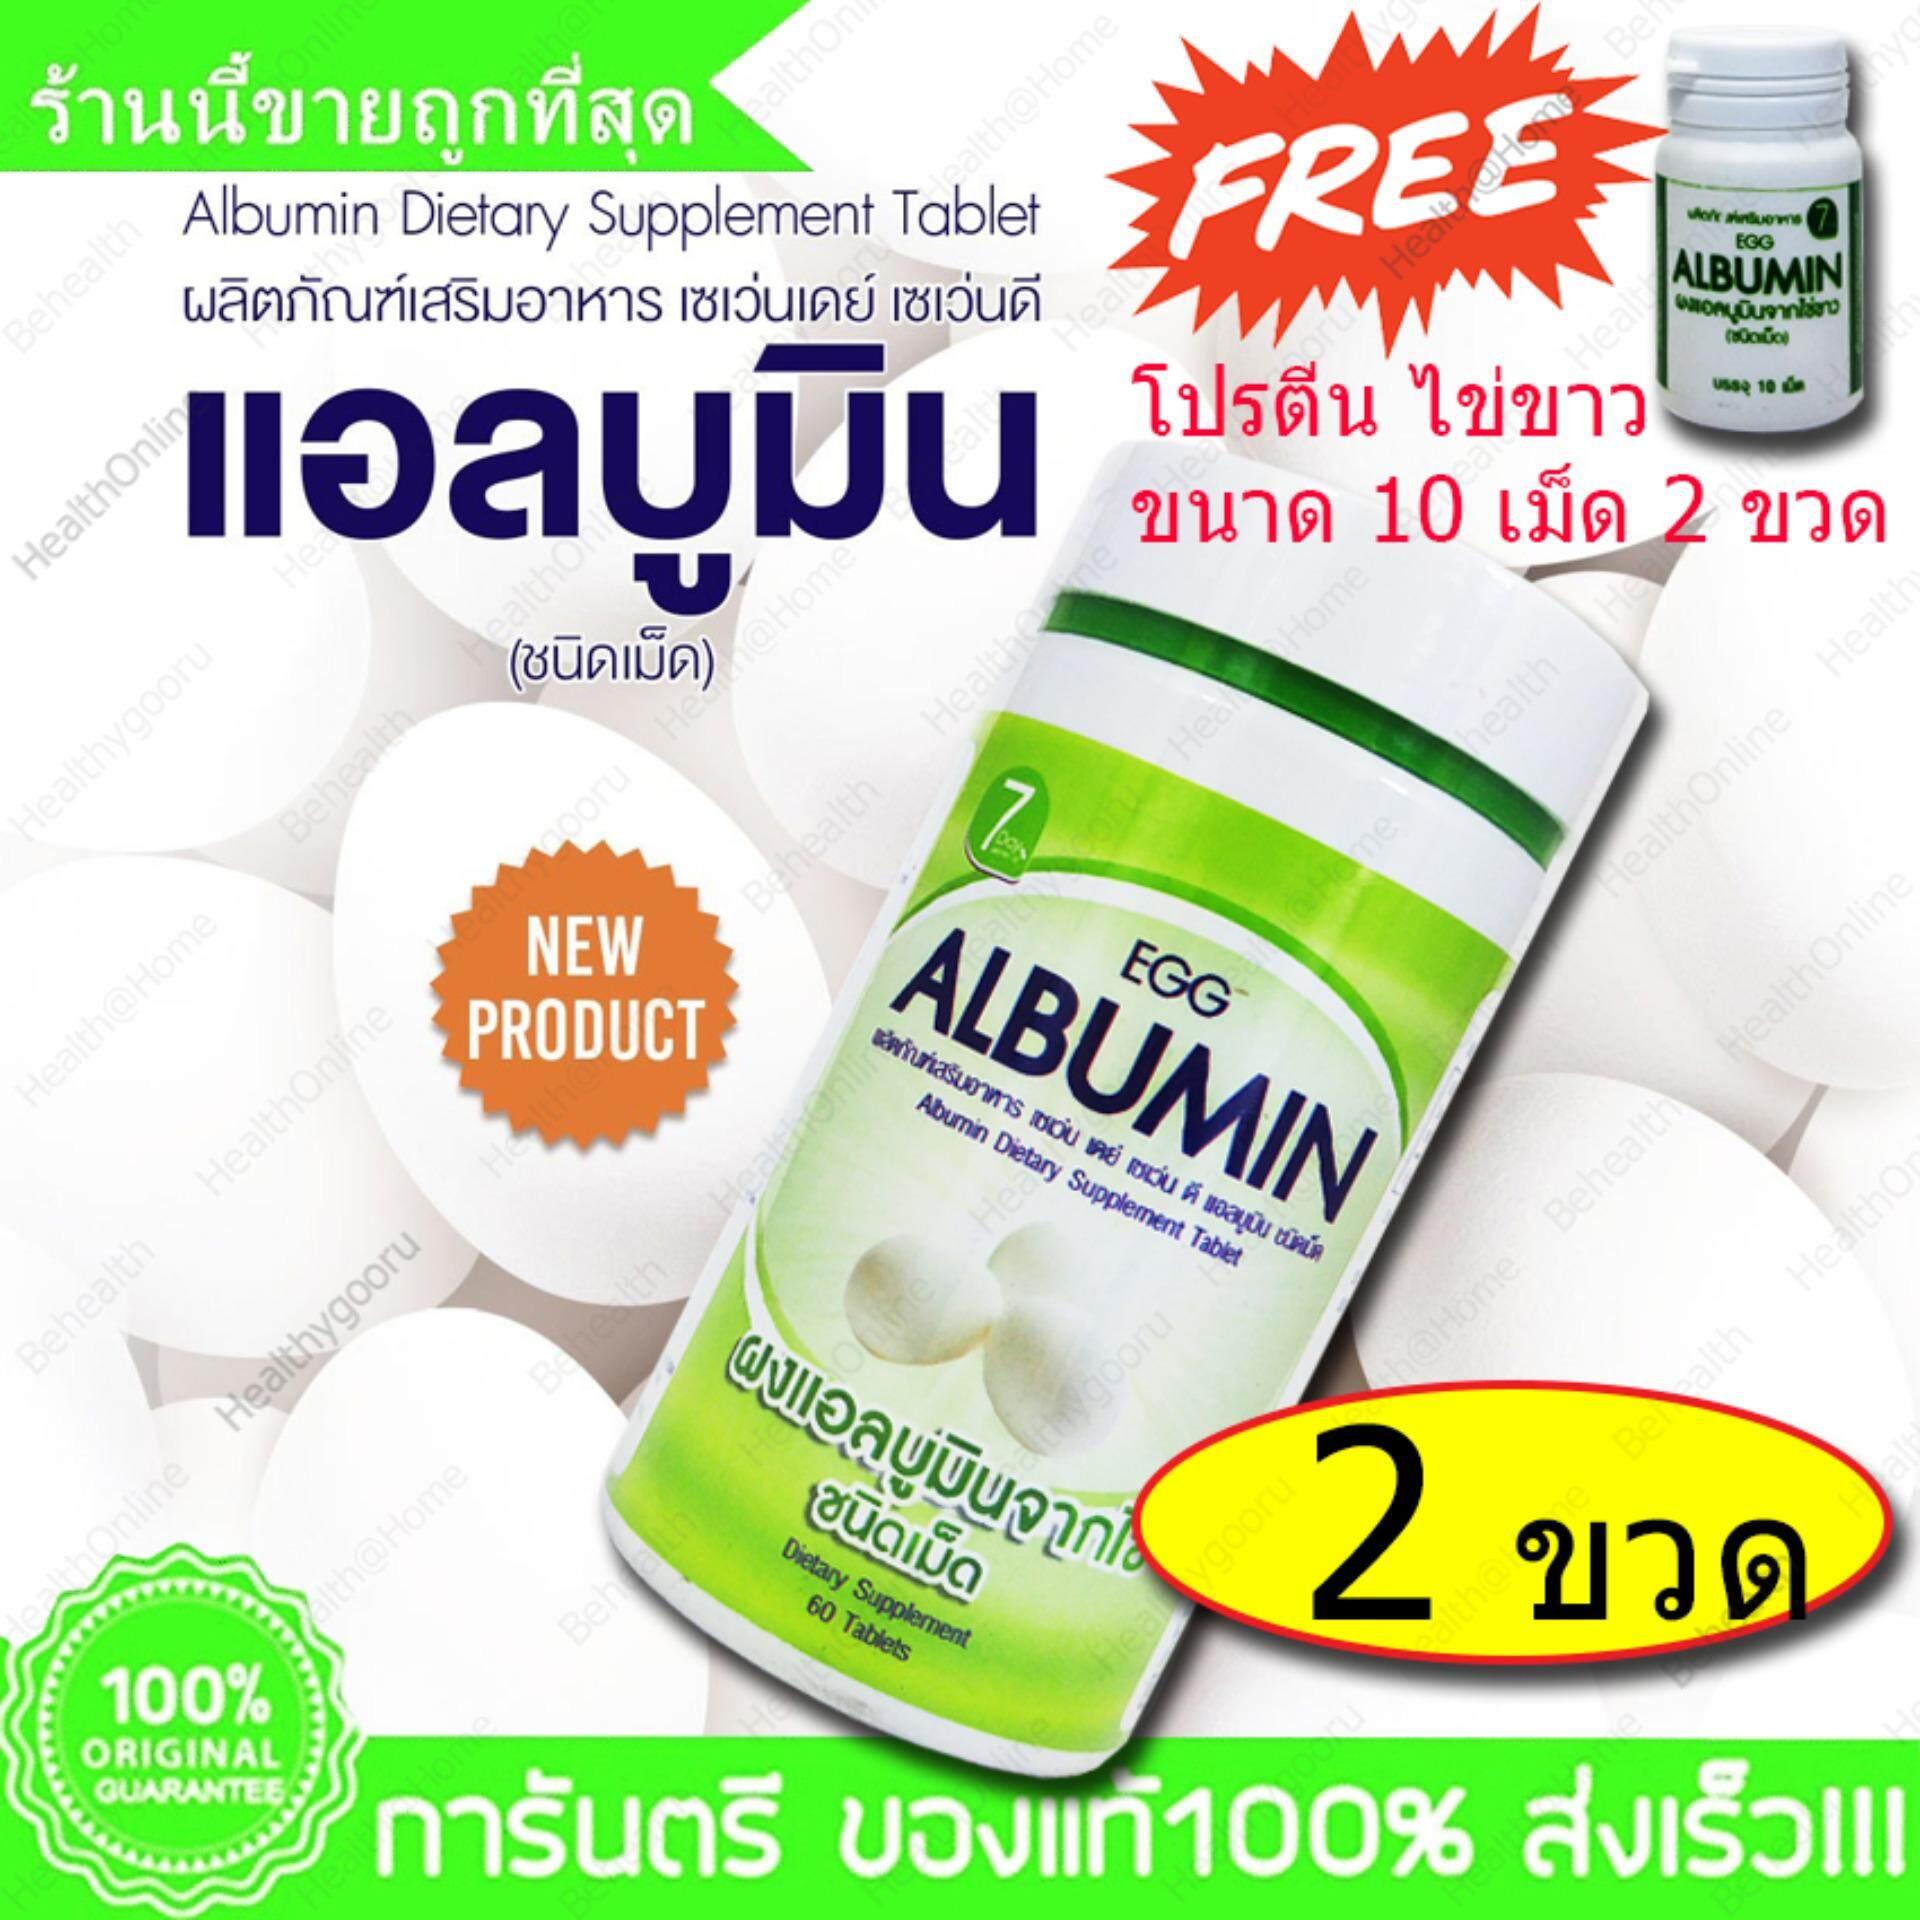 ราคา ราคาถูกที่สุด Egg Albumin ผงอัลบูมินจากไข่ 60 Tab X 2 Bottle Free โปรตีน ไข่ขาว อัดเม็ด Egg Albumin 10 Tab 150 Bath X 2 Bottle